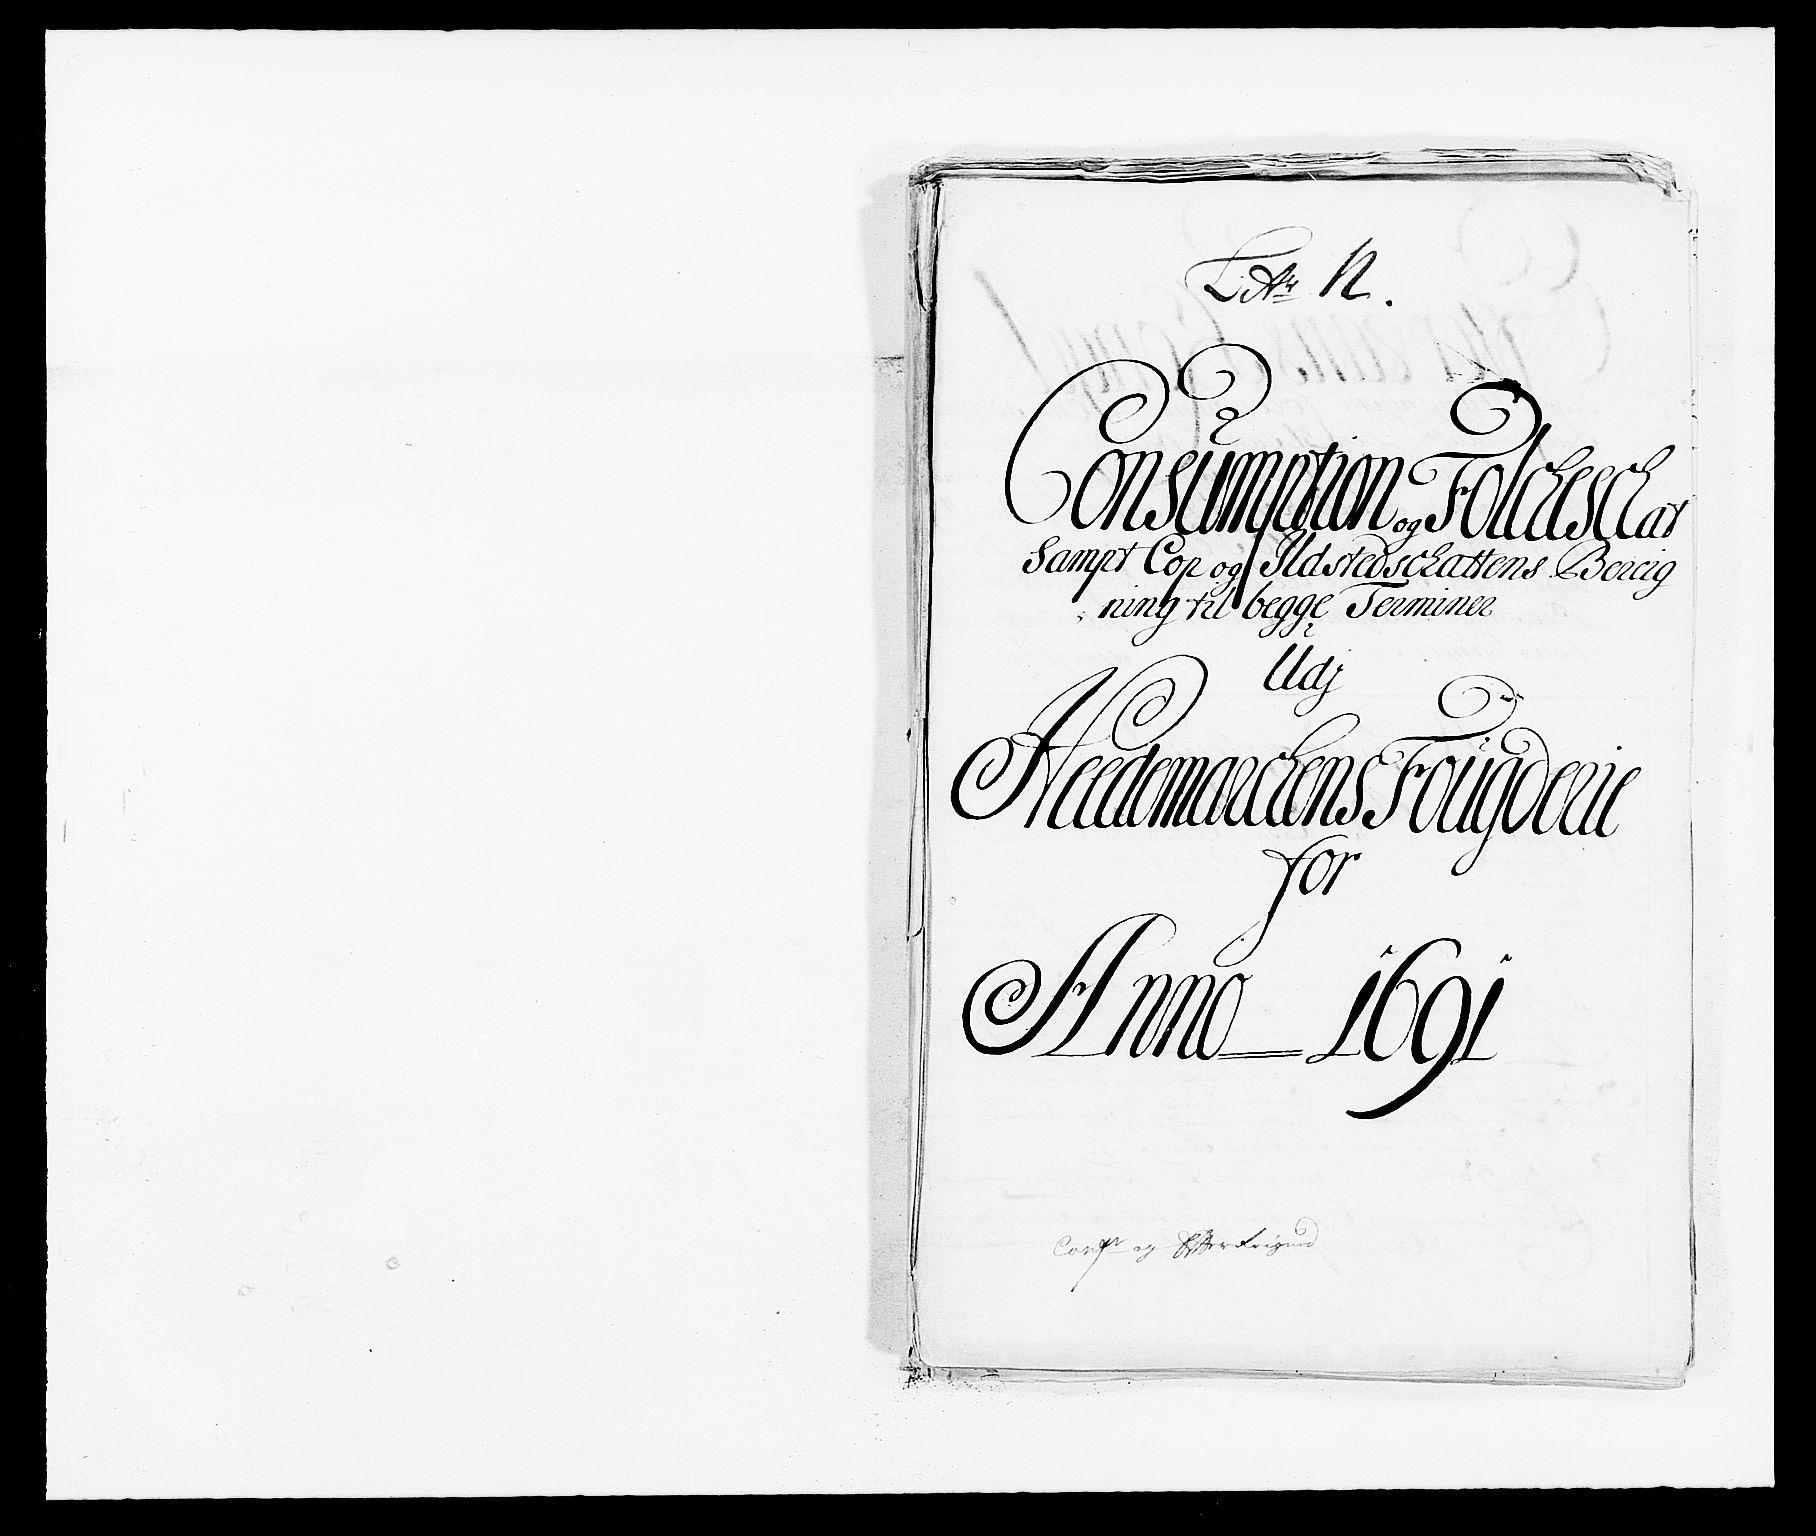 RA, Rentekammeret inntil 1814, Reviderte regnskaper, Fogderegnskap, R16/L1030: Fogderegnskap Hedmark, 1689-1691, s. 374